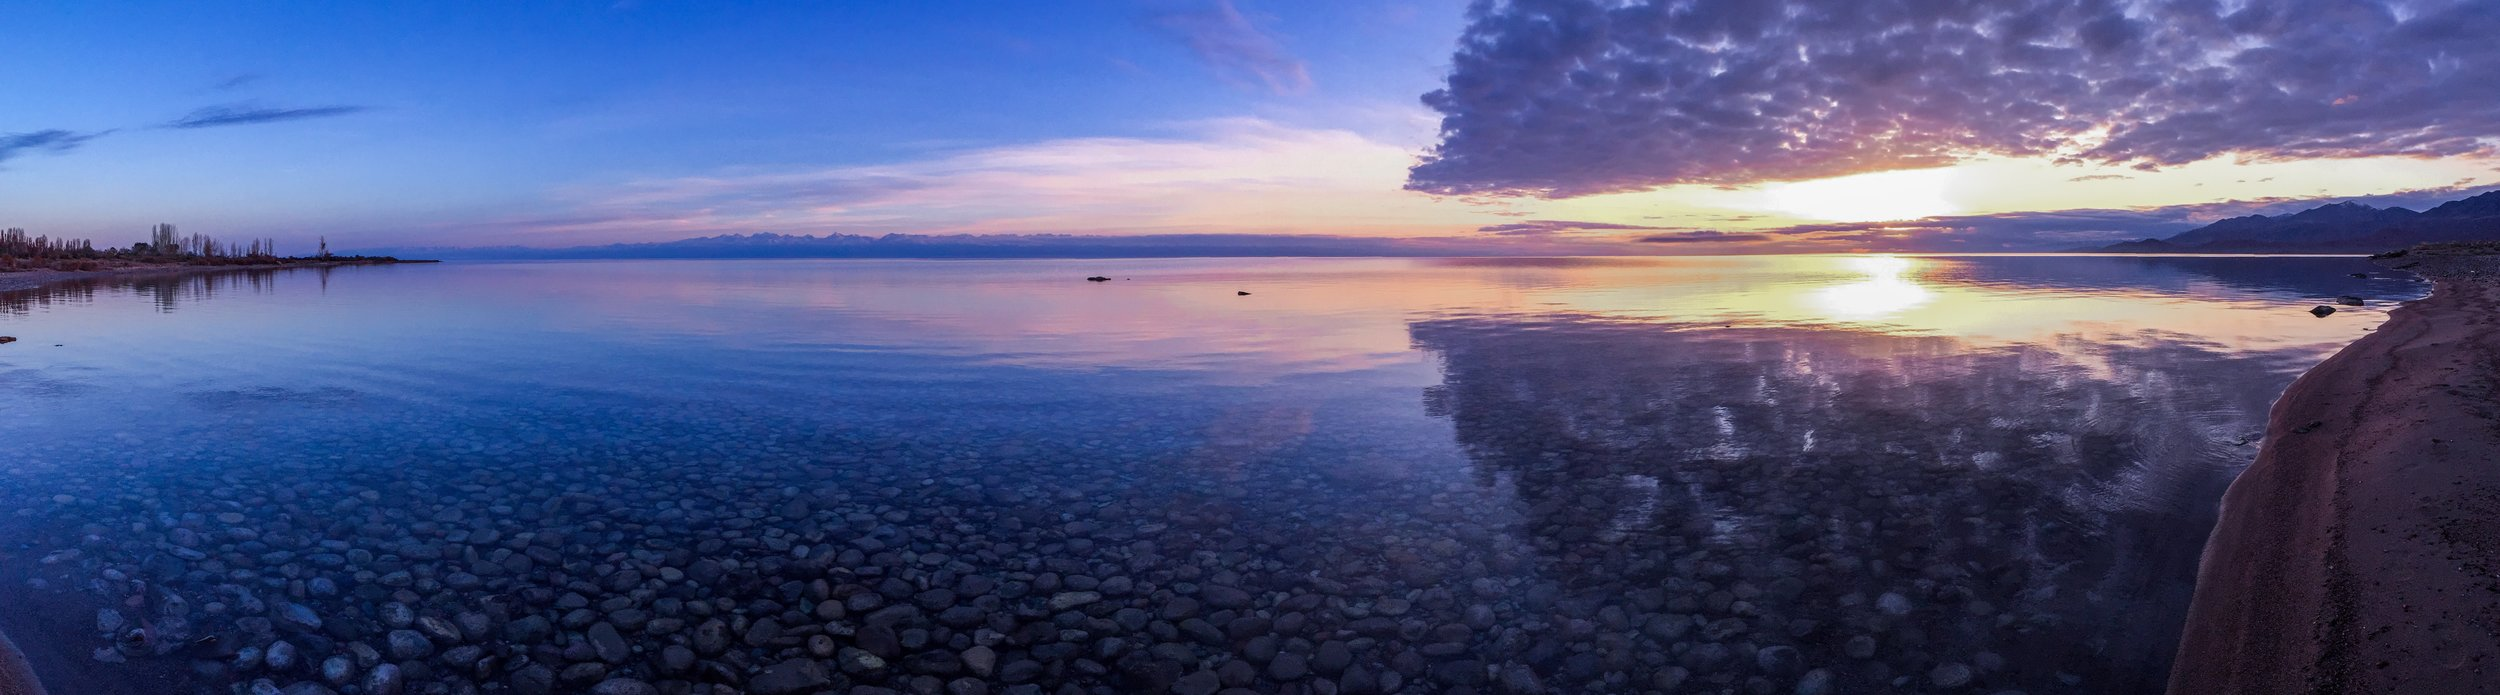 Sunrise over Issykul Lake, Kyrgyzstan